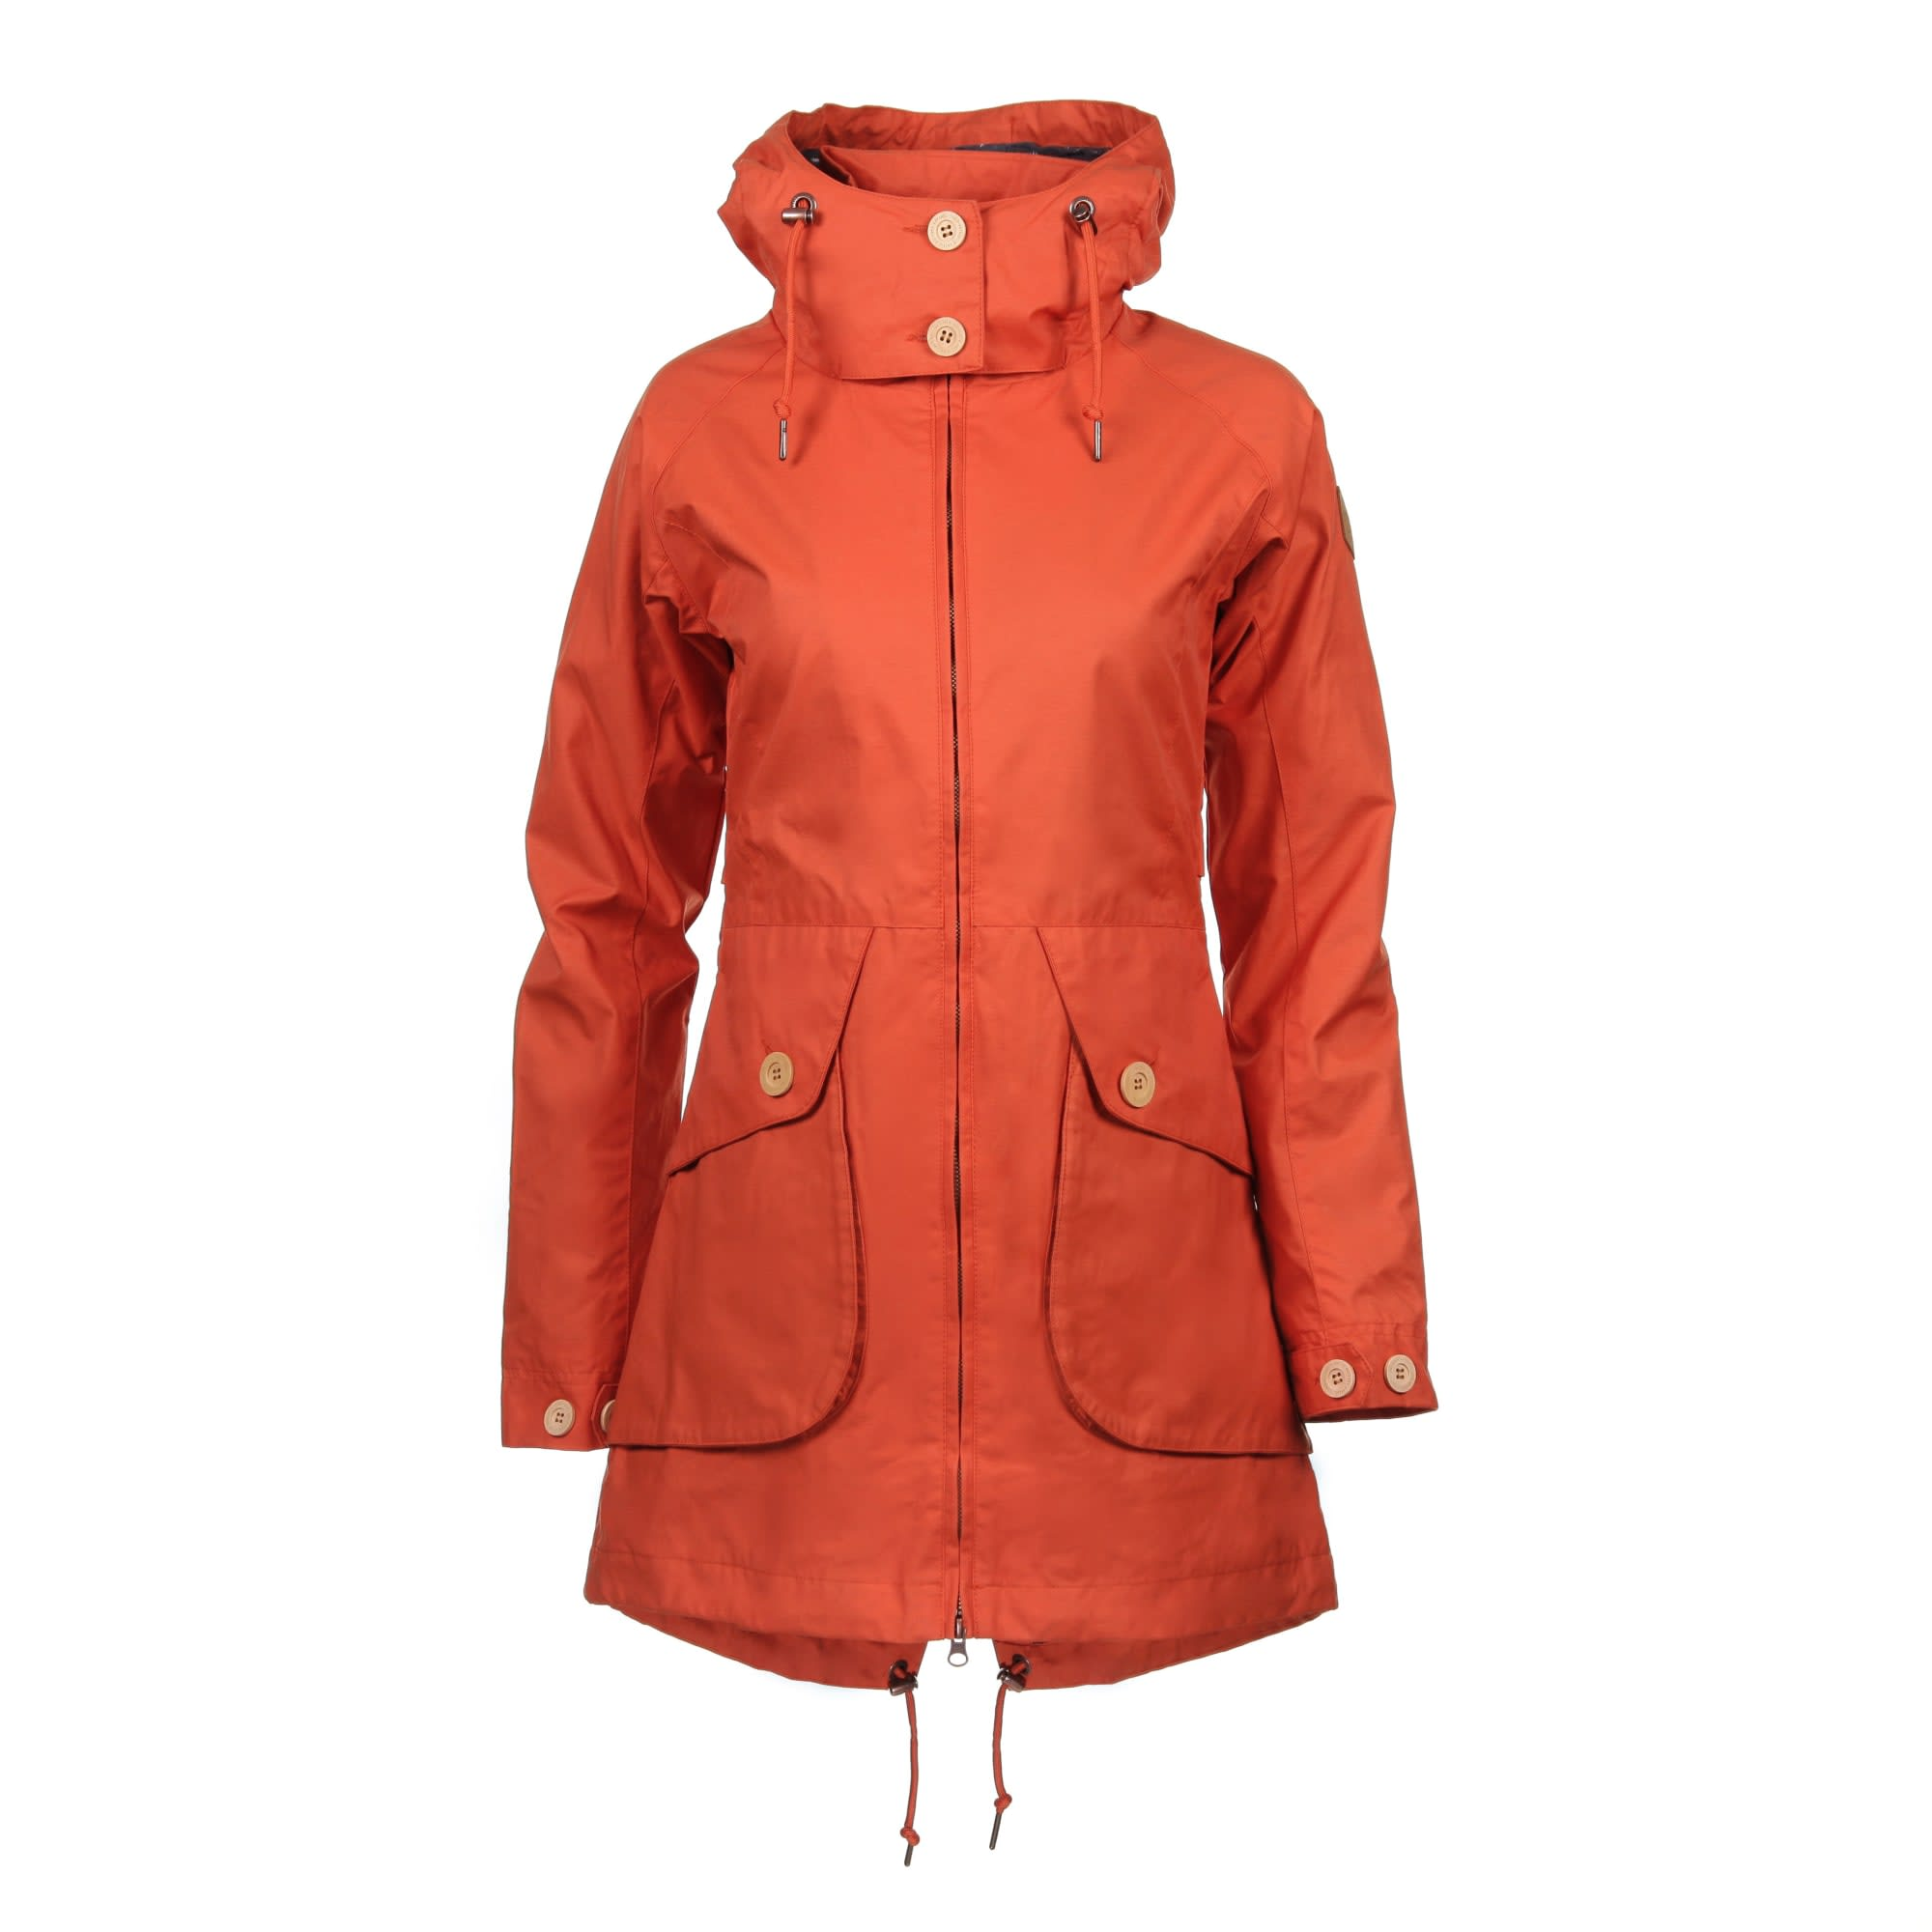 Naisten Naisten takit parkatakit, vertaa hintoja ja osta